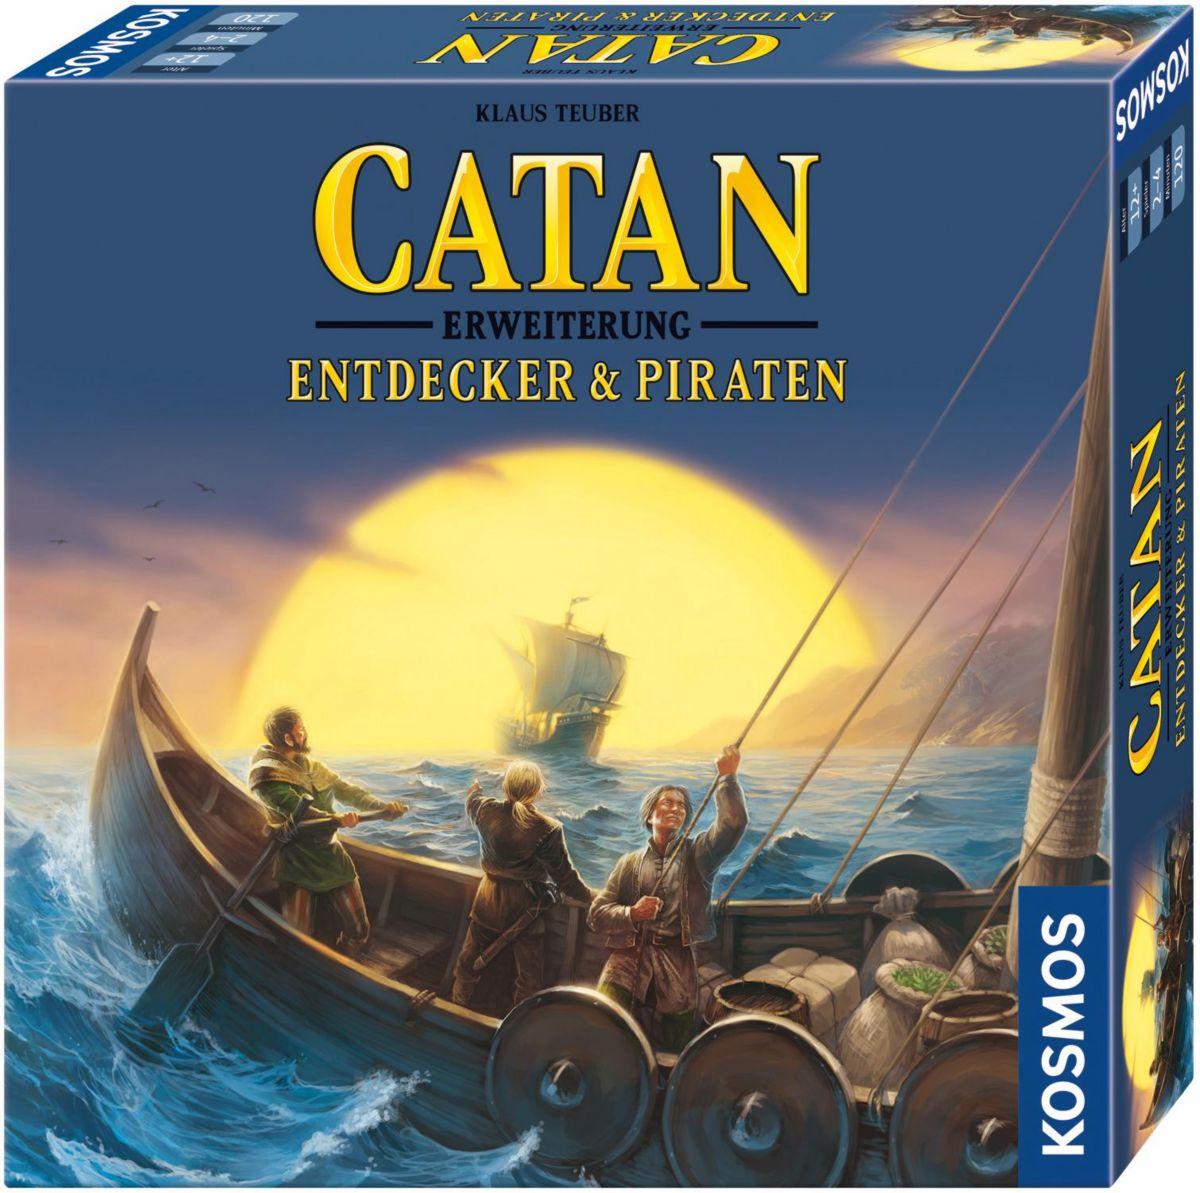 Kosmos Brettspiel Zusatz,  Catan Erweiterung, Entdecker & Piraten  Preisvergleich